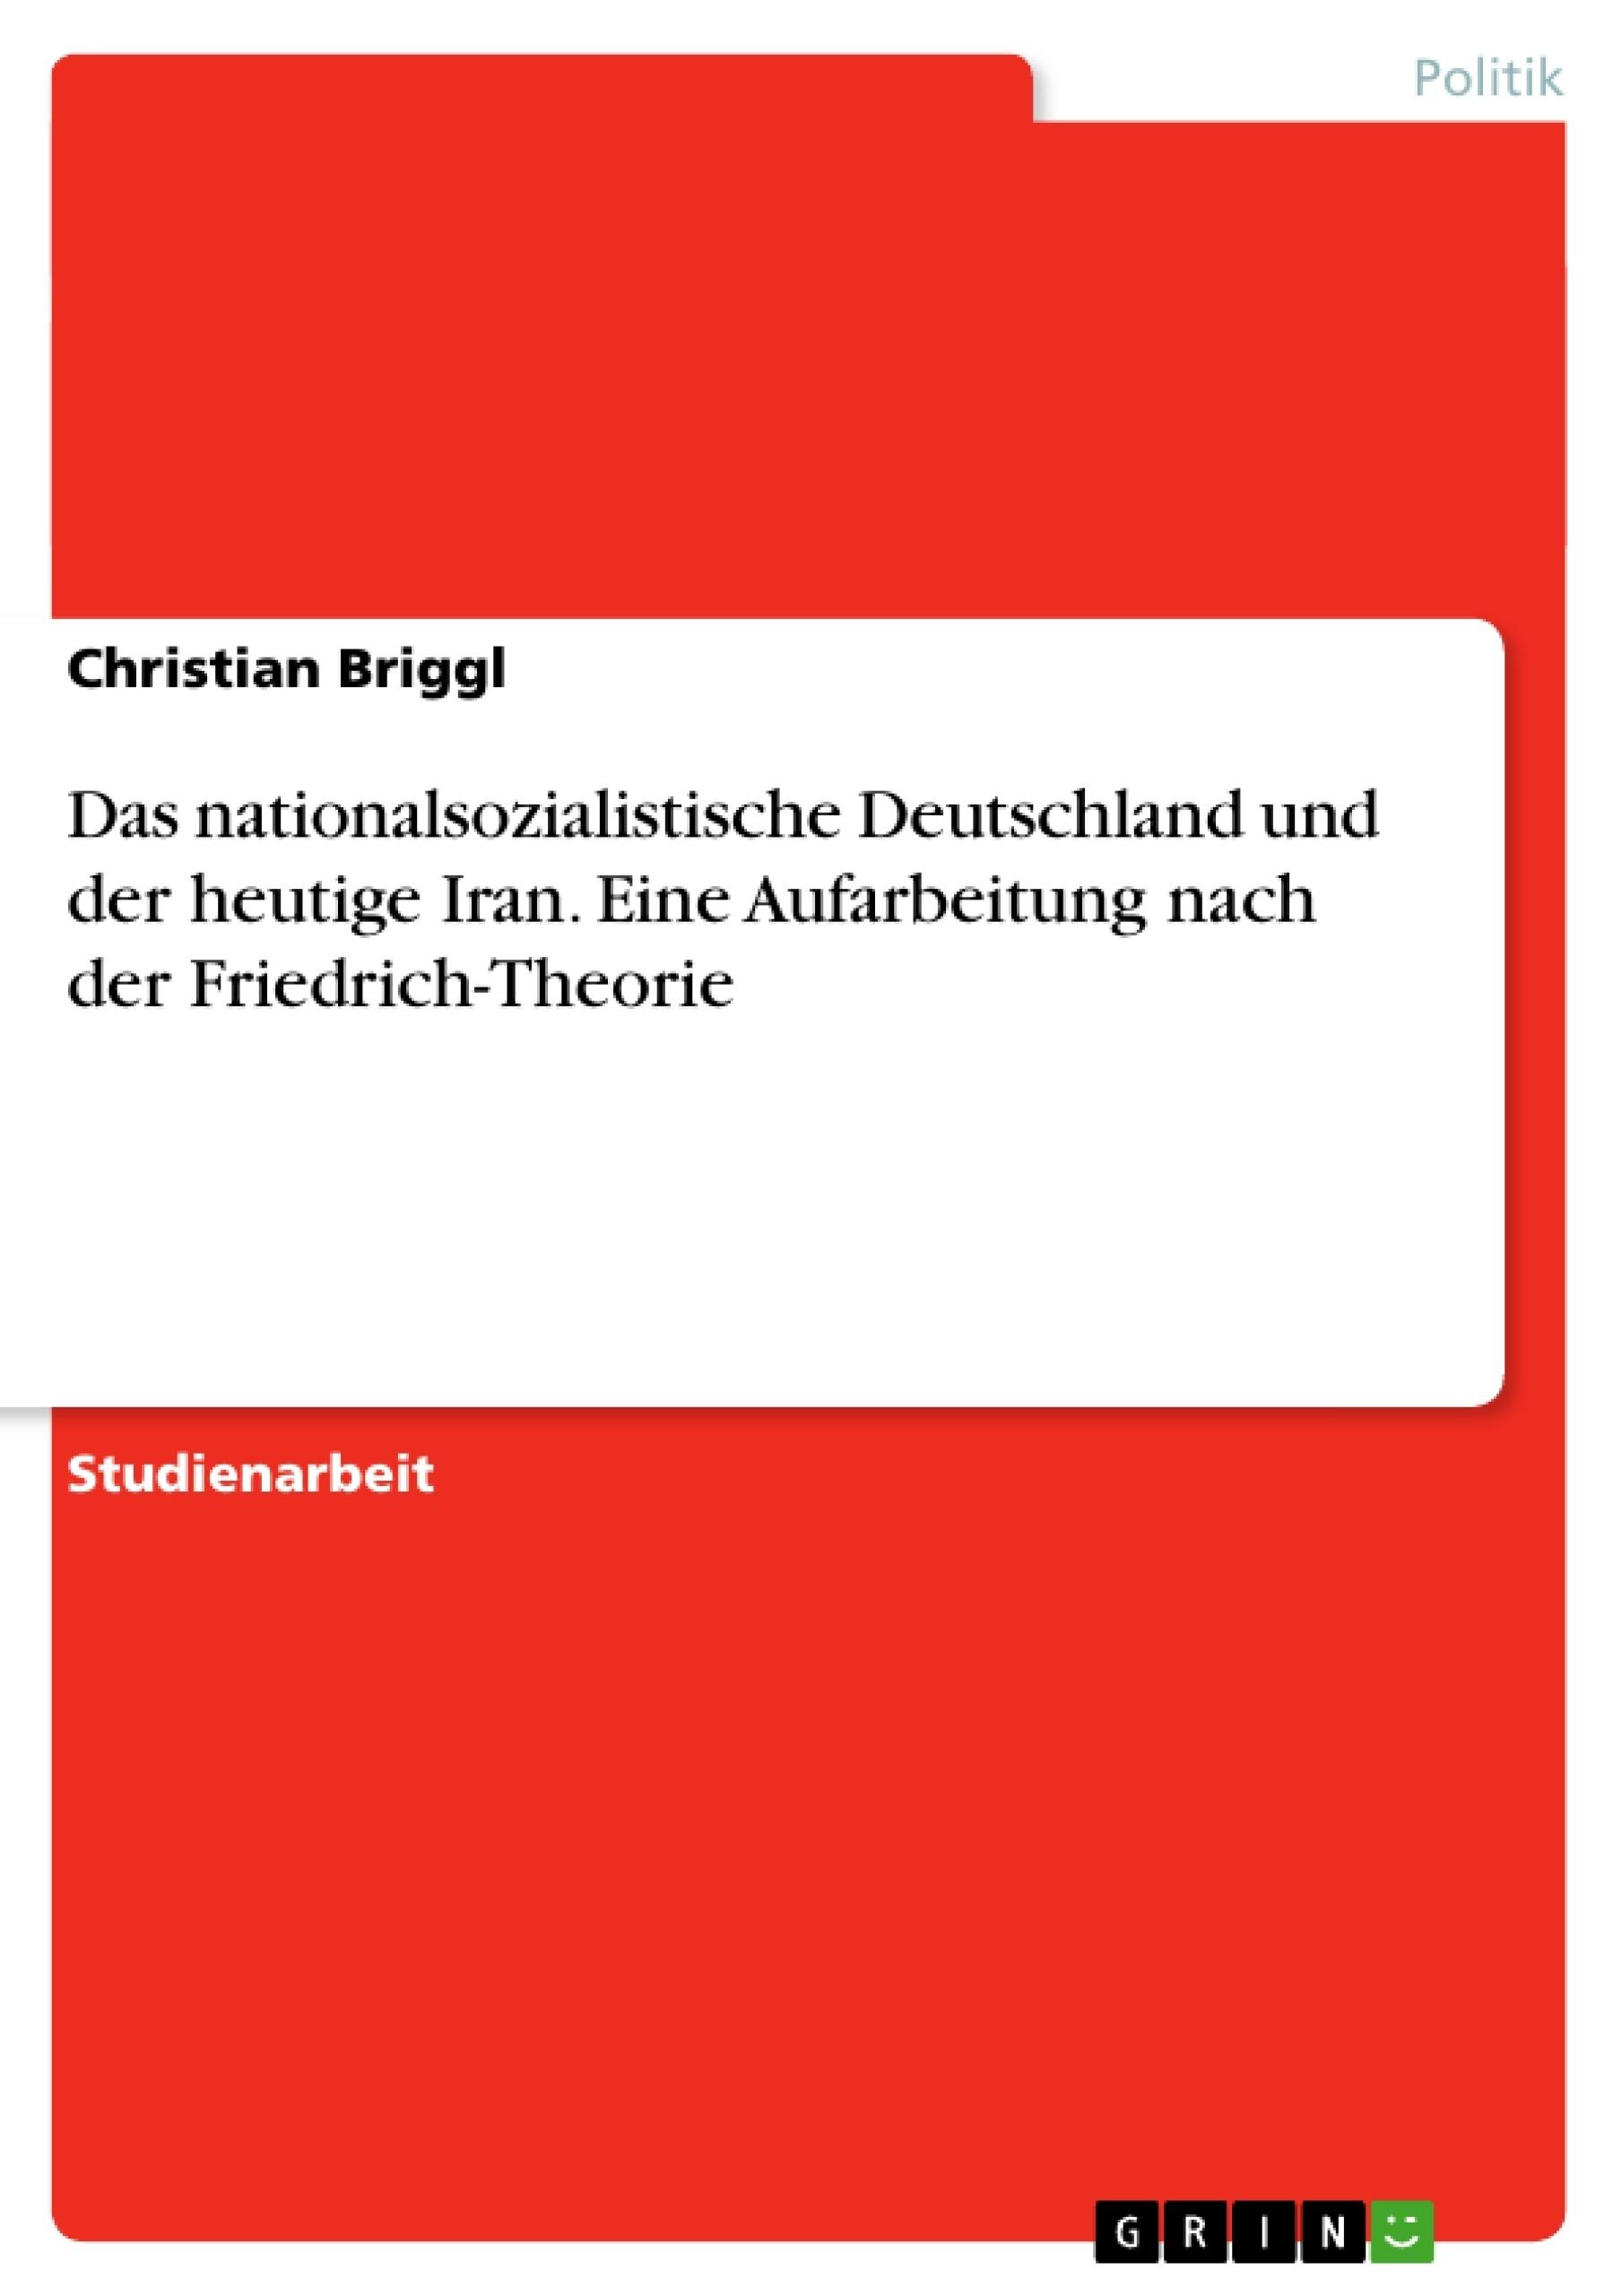 Titel: Das nationalsozialistische Deutschland und der heutige Iran. Eine Aufarbeitung nach der Friedrich-Theorie